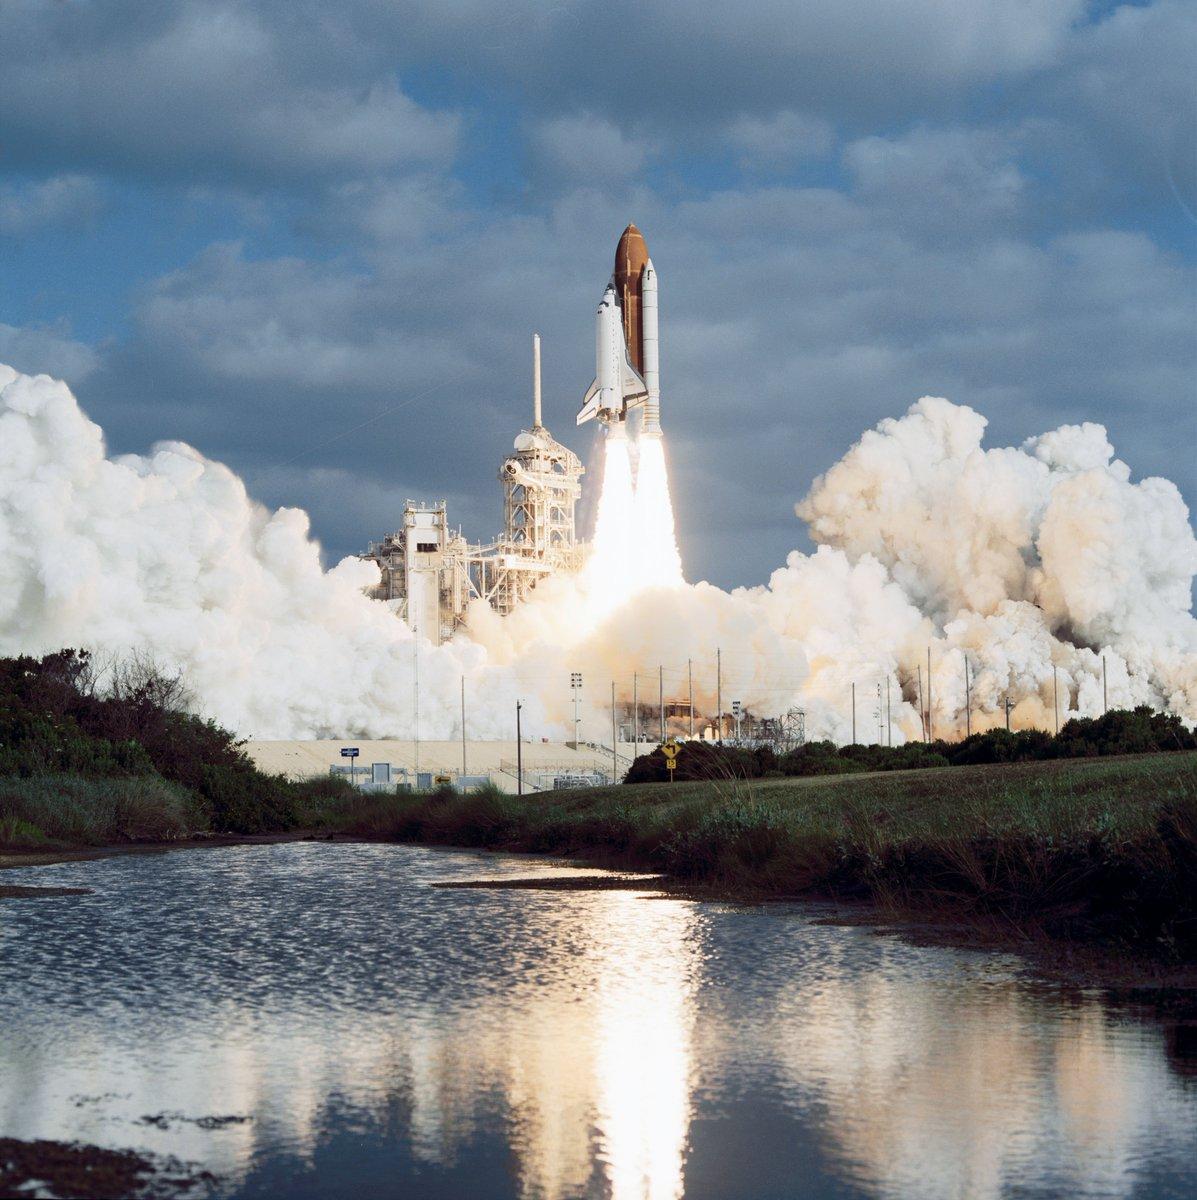 space shuttle hubble - photo #16